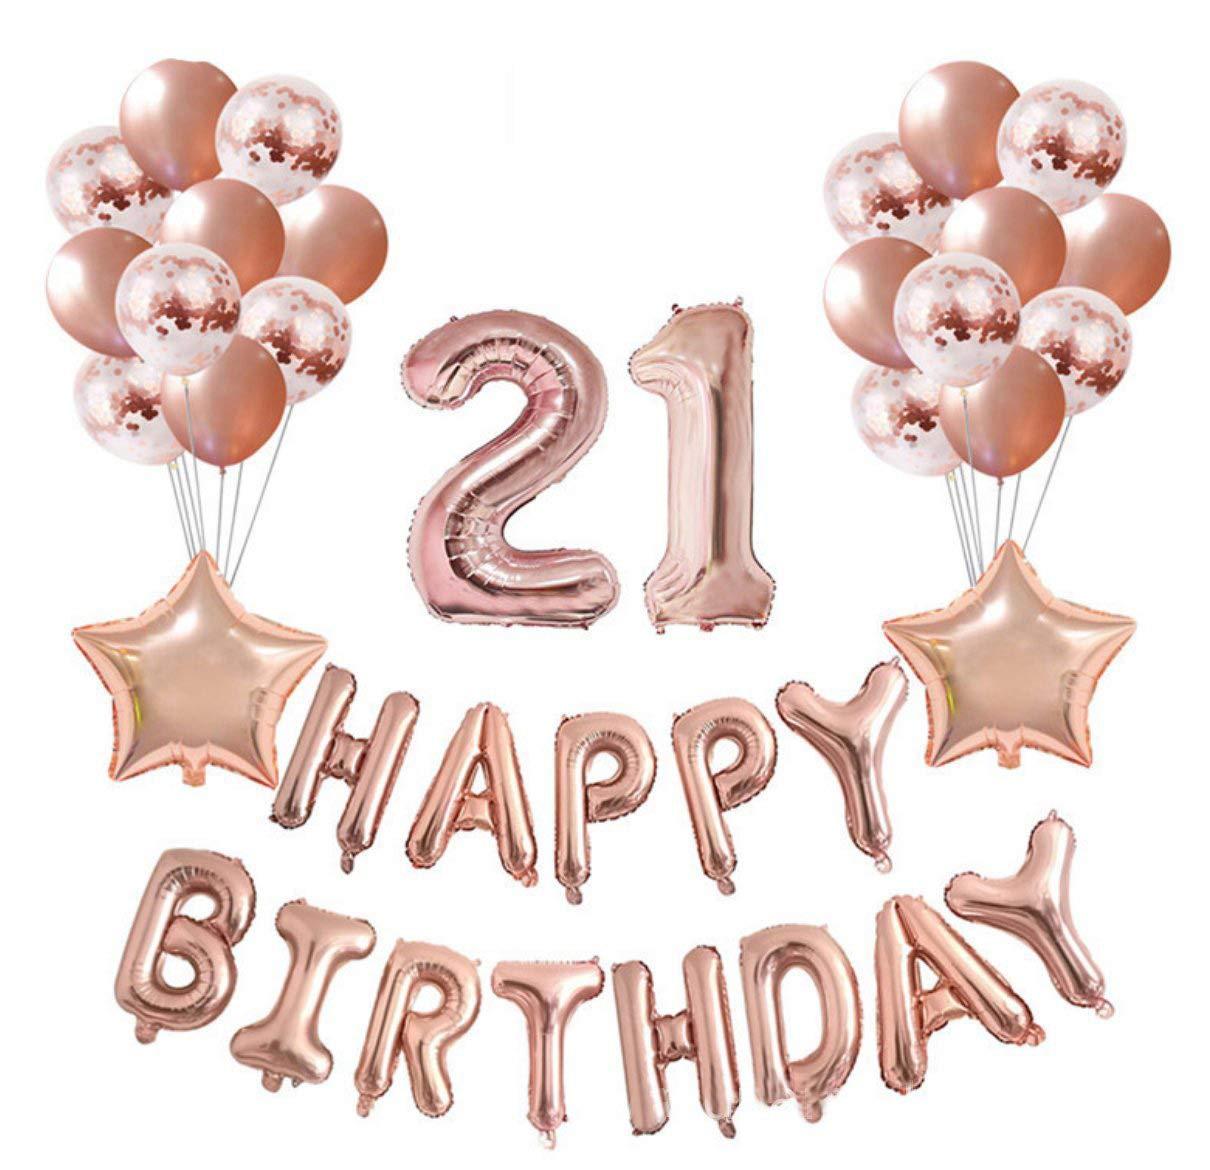 Crazy M Geburtstag Deko Set Nummer 8 Luftballon Rosegold Mädchen ...